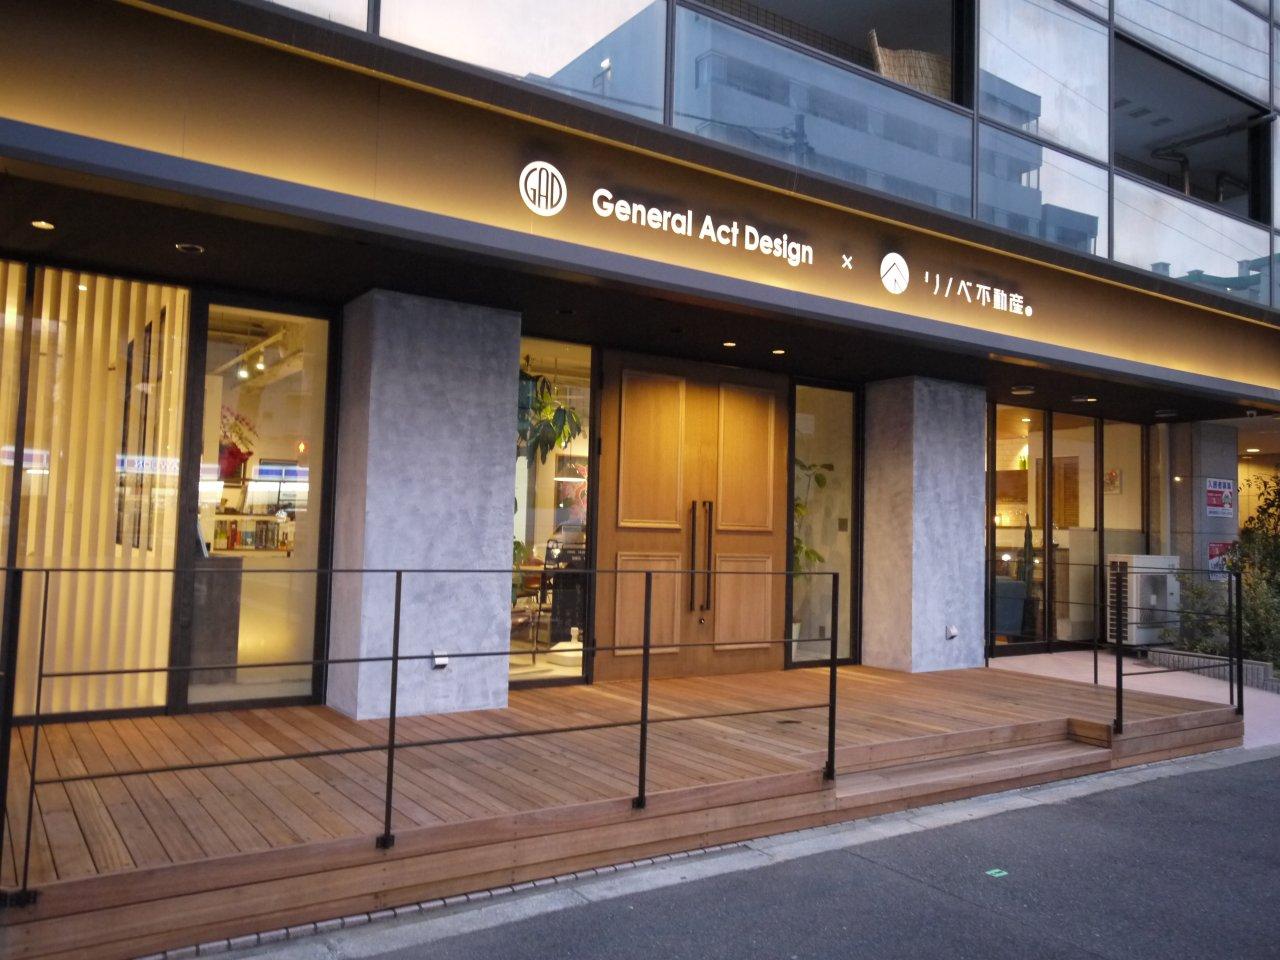 リノベ不動産|General Act Design ショールーム 木製の大きなドアとウッドデッキが目印です!